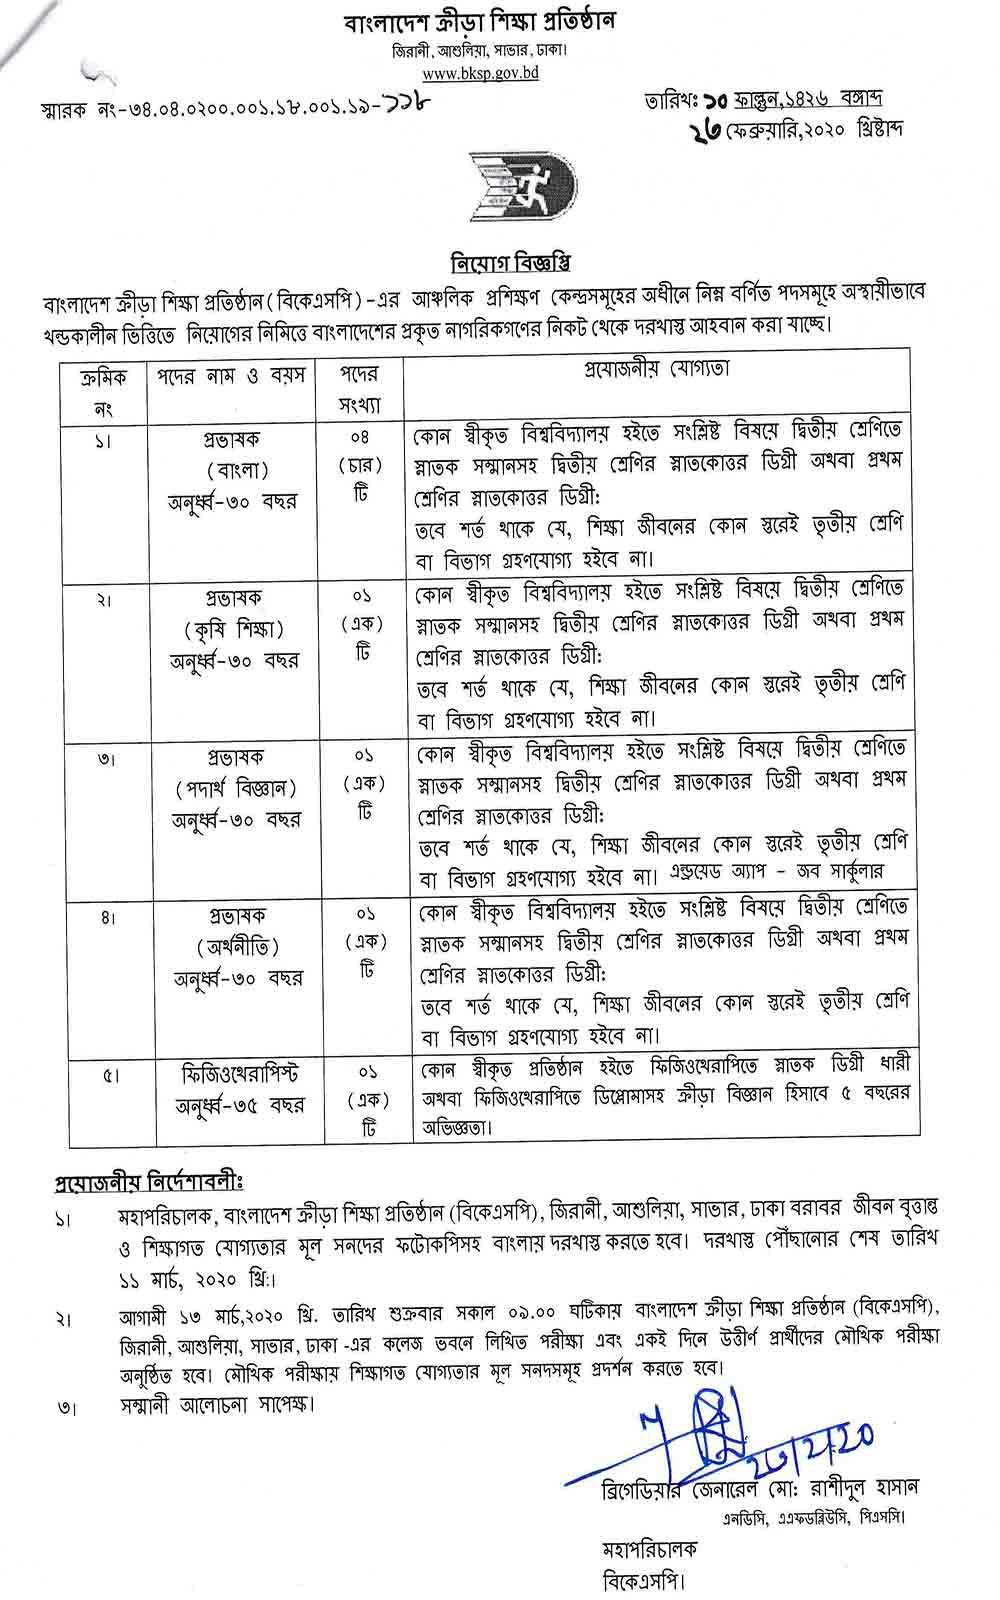 BKSP Job Circular-2020 1